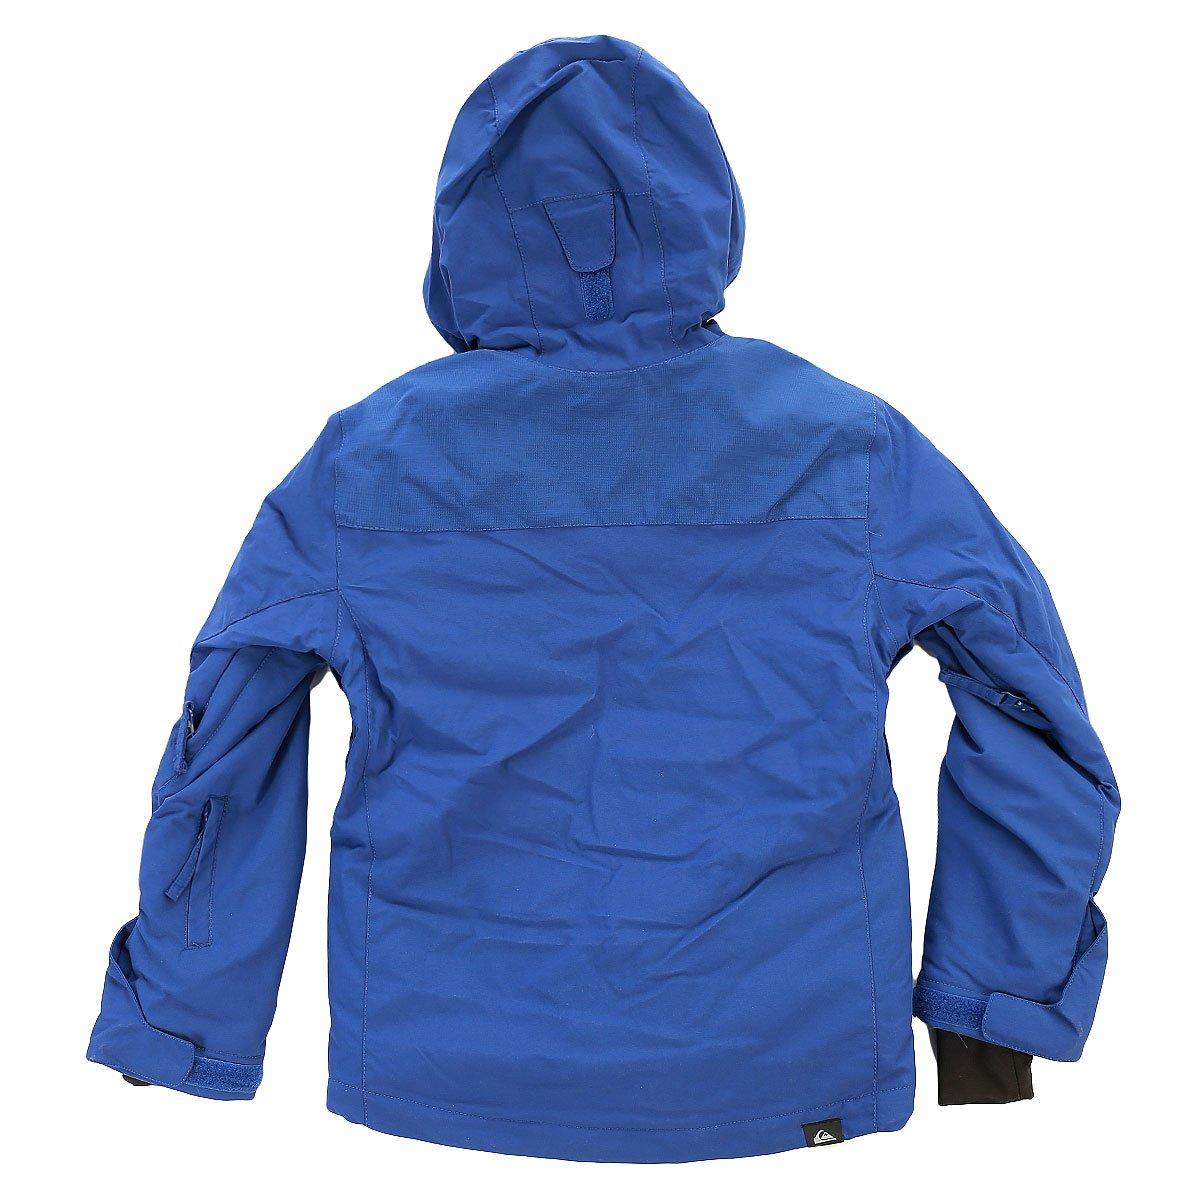 купить детскую куртку пеликан в спб